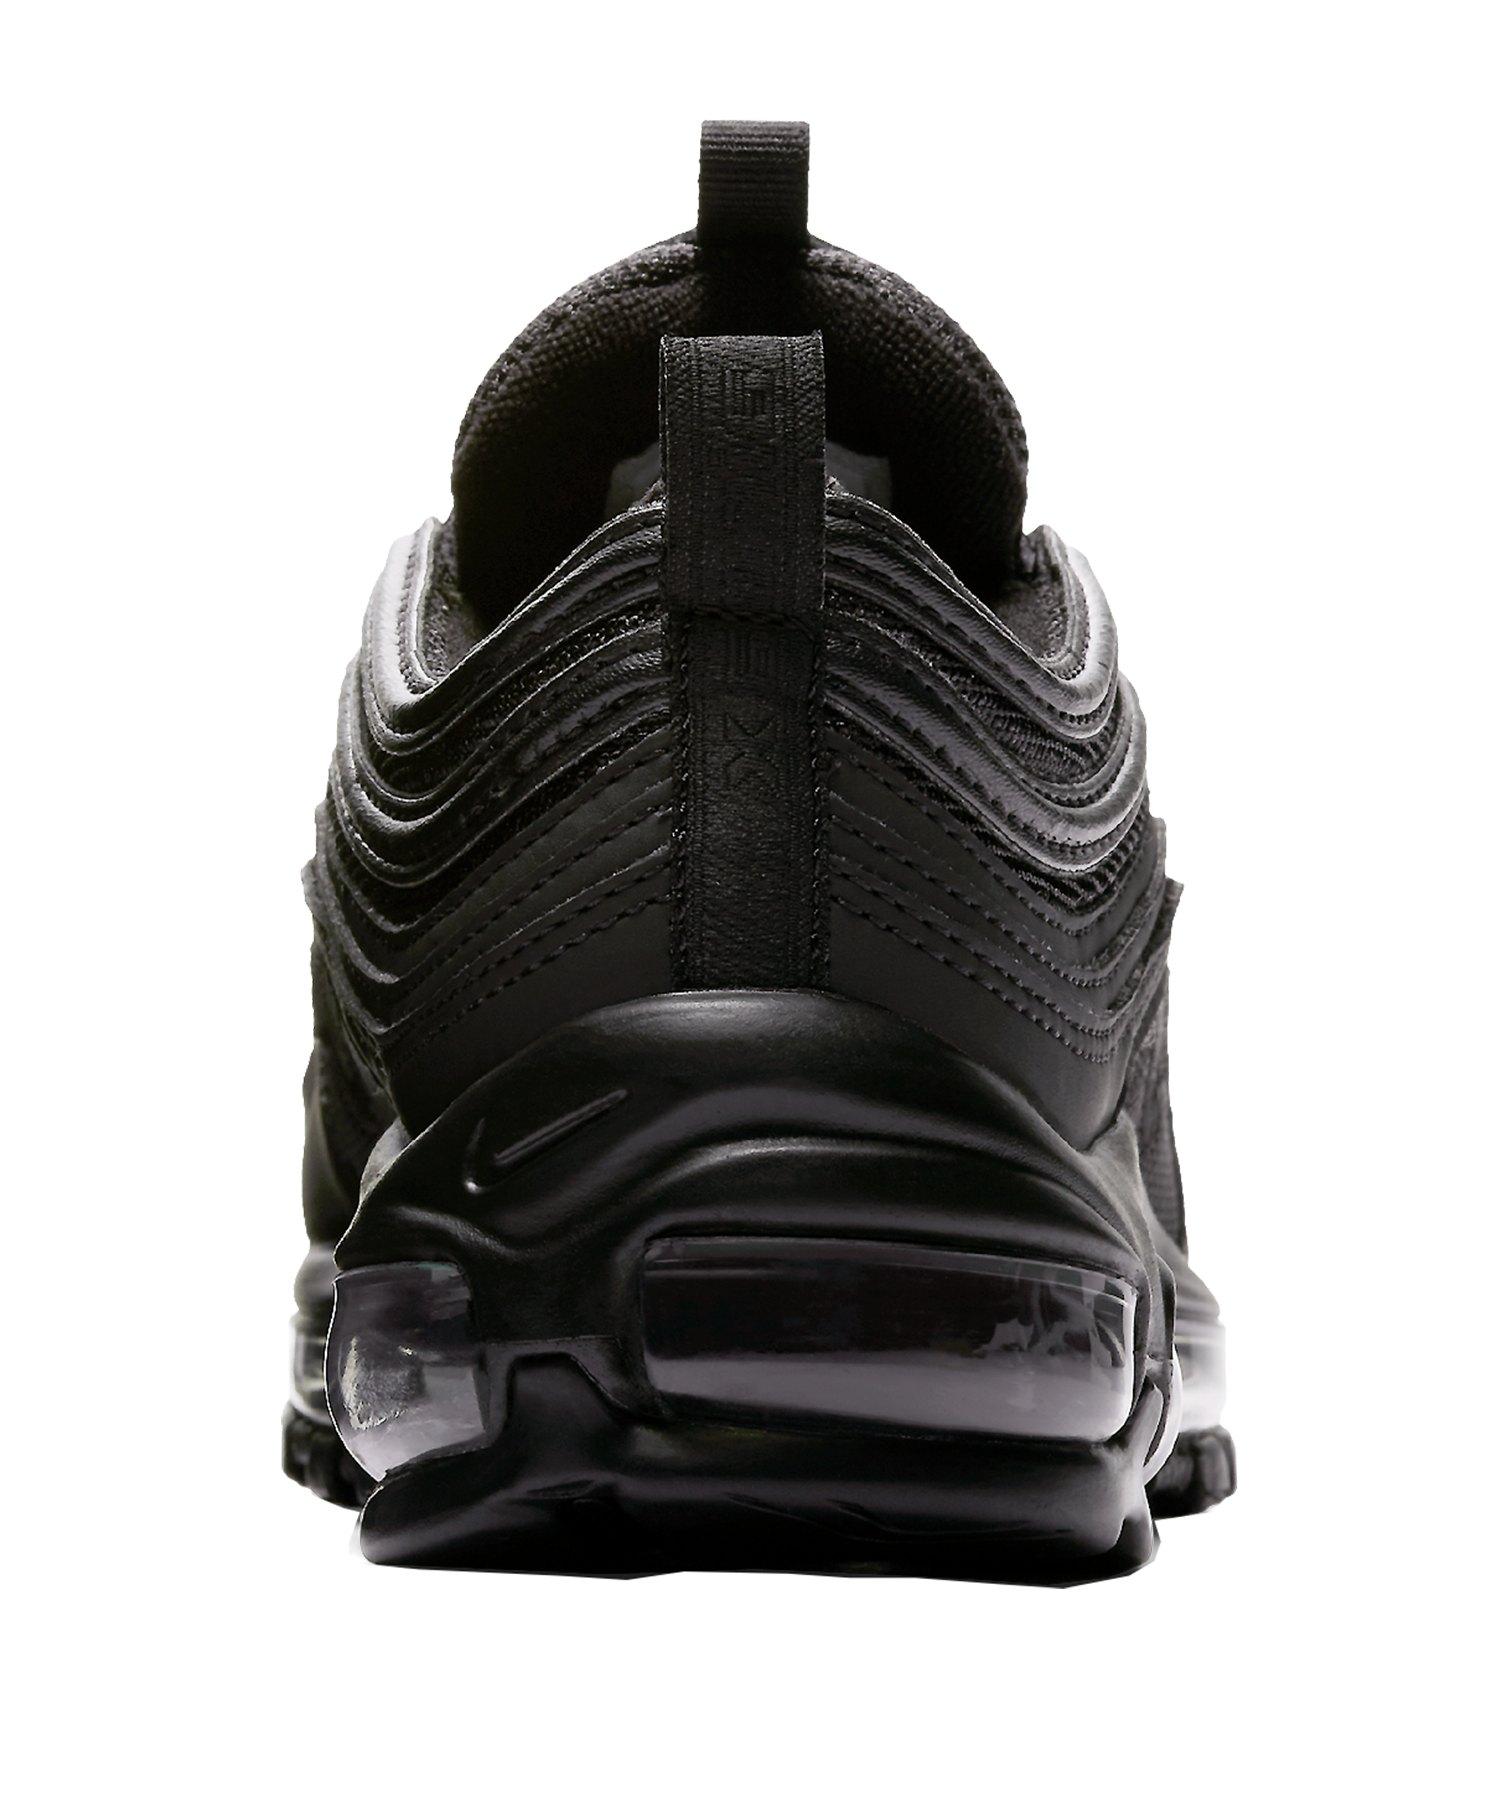 Schwarz 97 Sneaker Max Kids Nike F001 Air ul1c5KTJF3